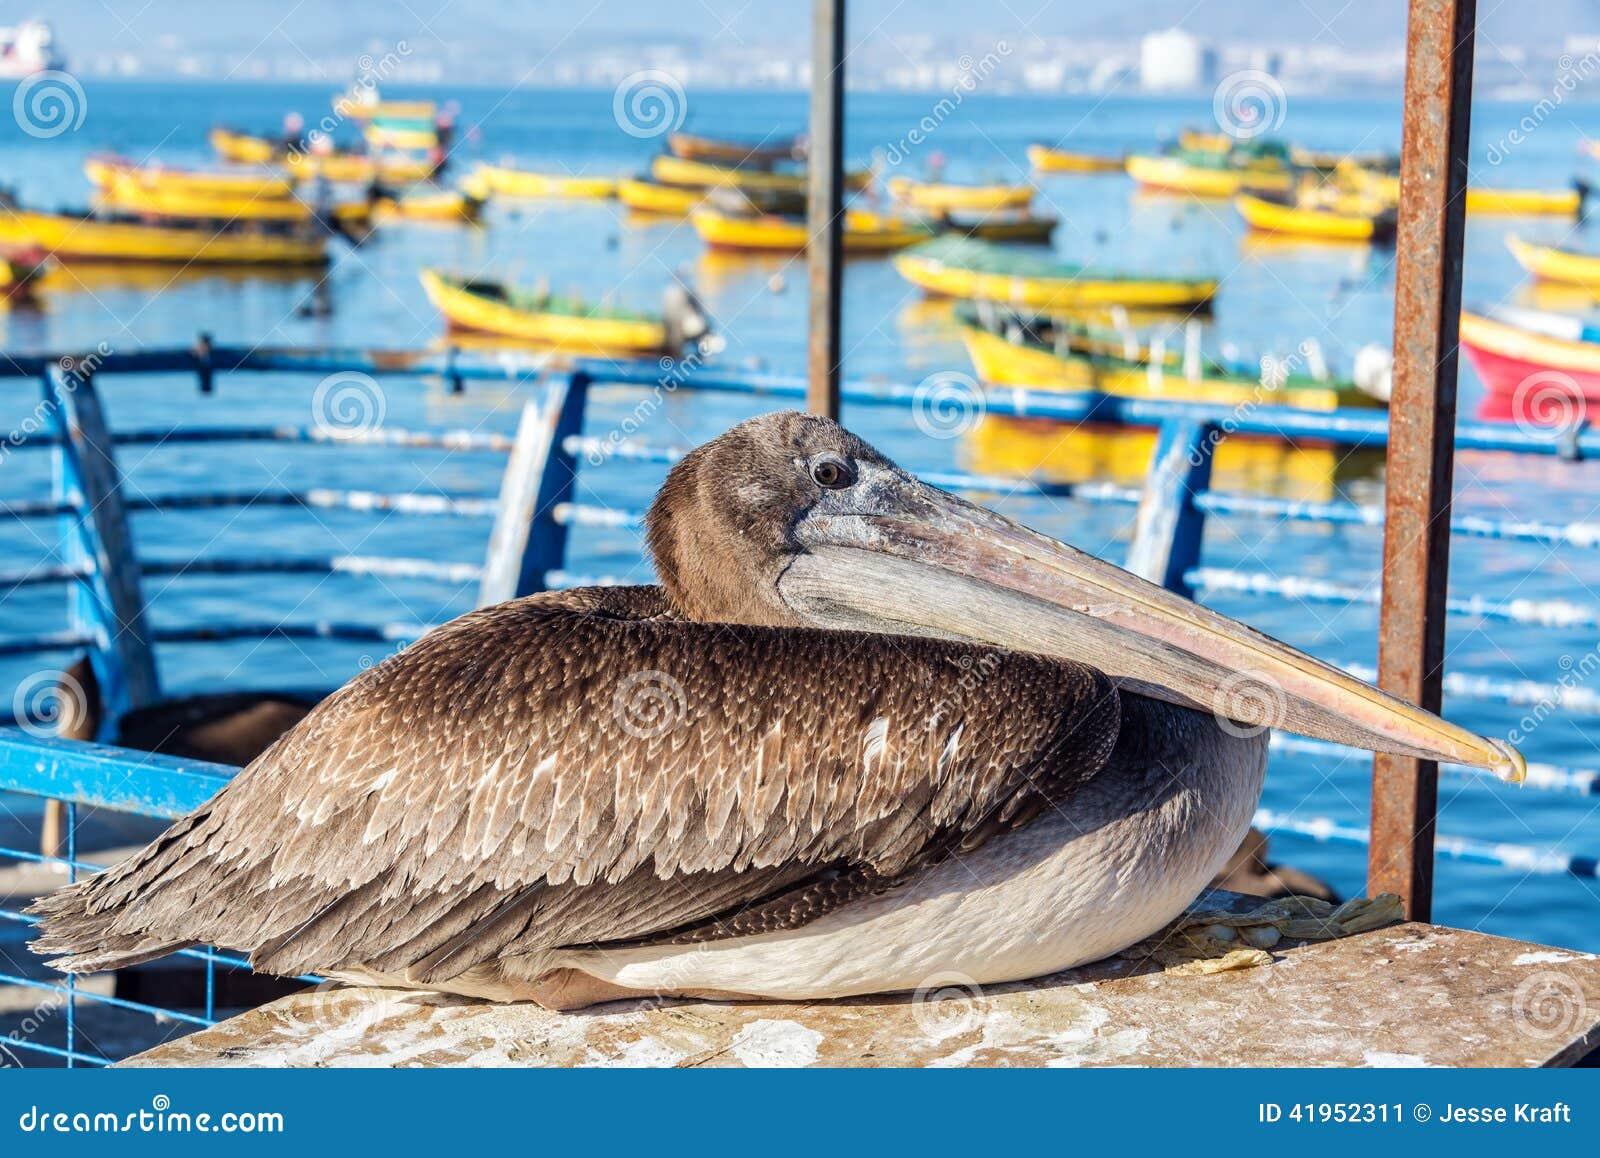 Pelikan i Kolorowe łodzie